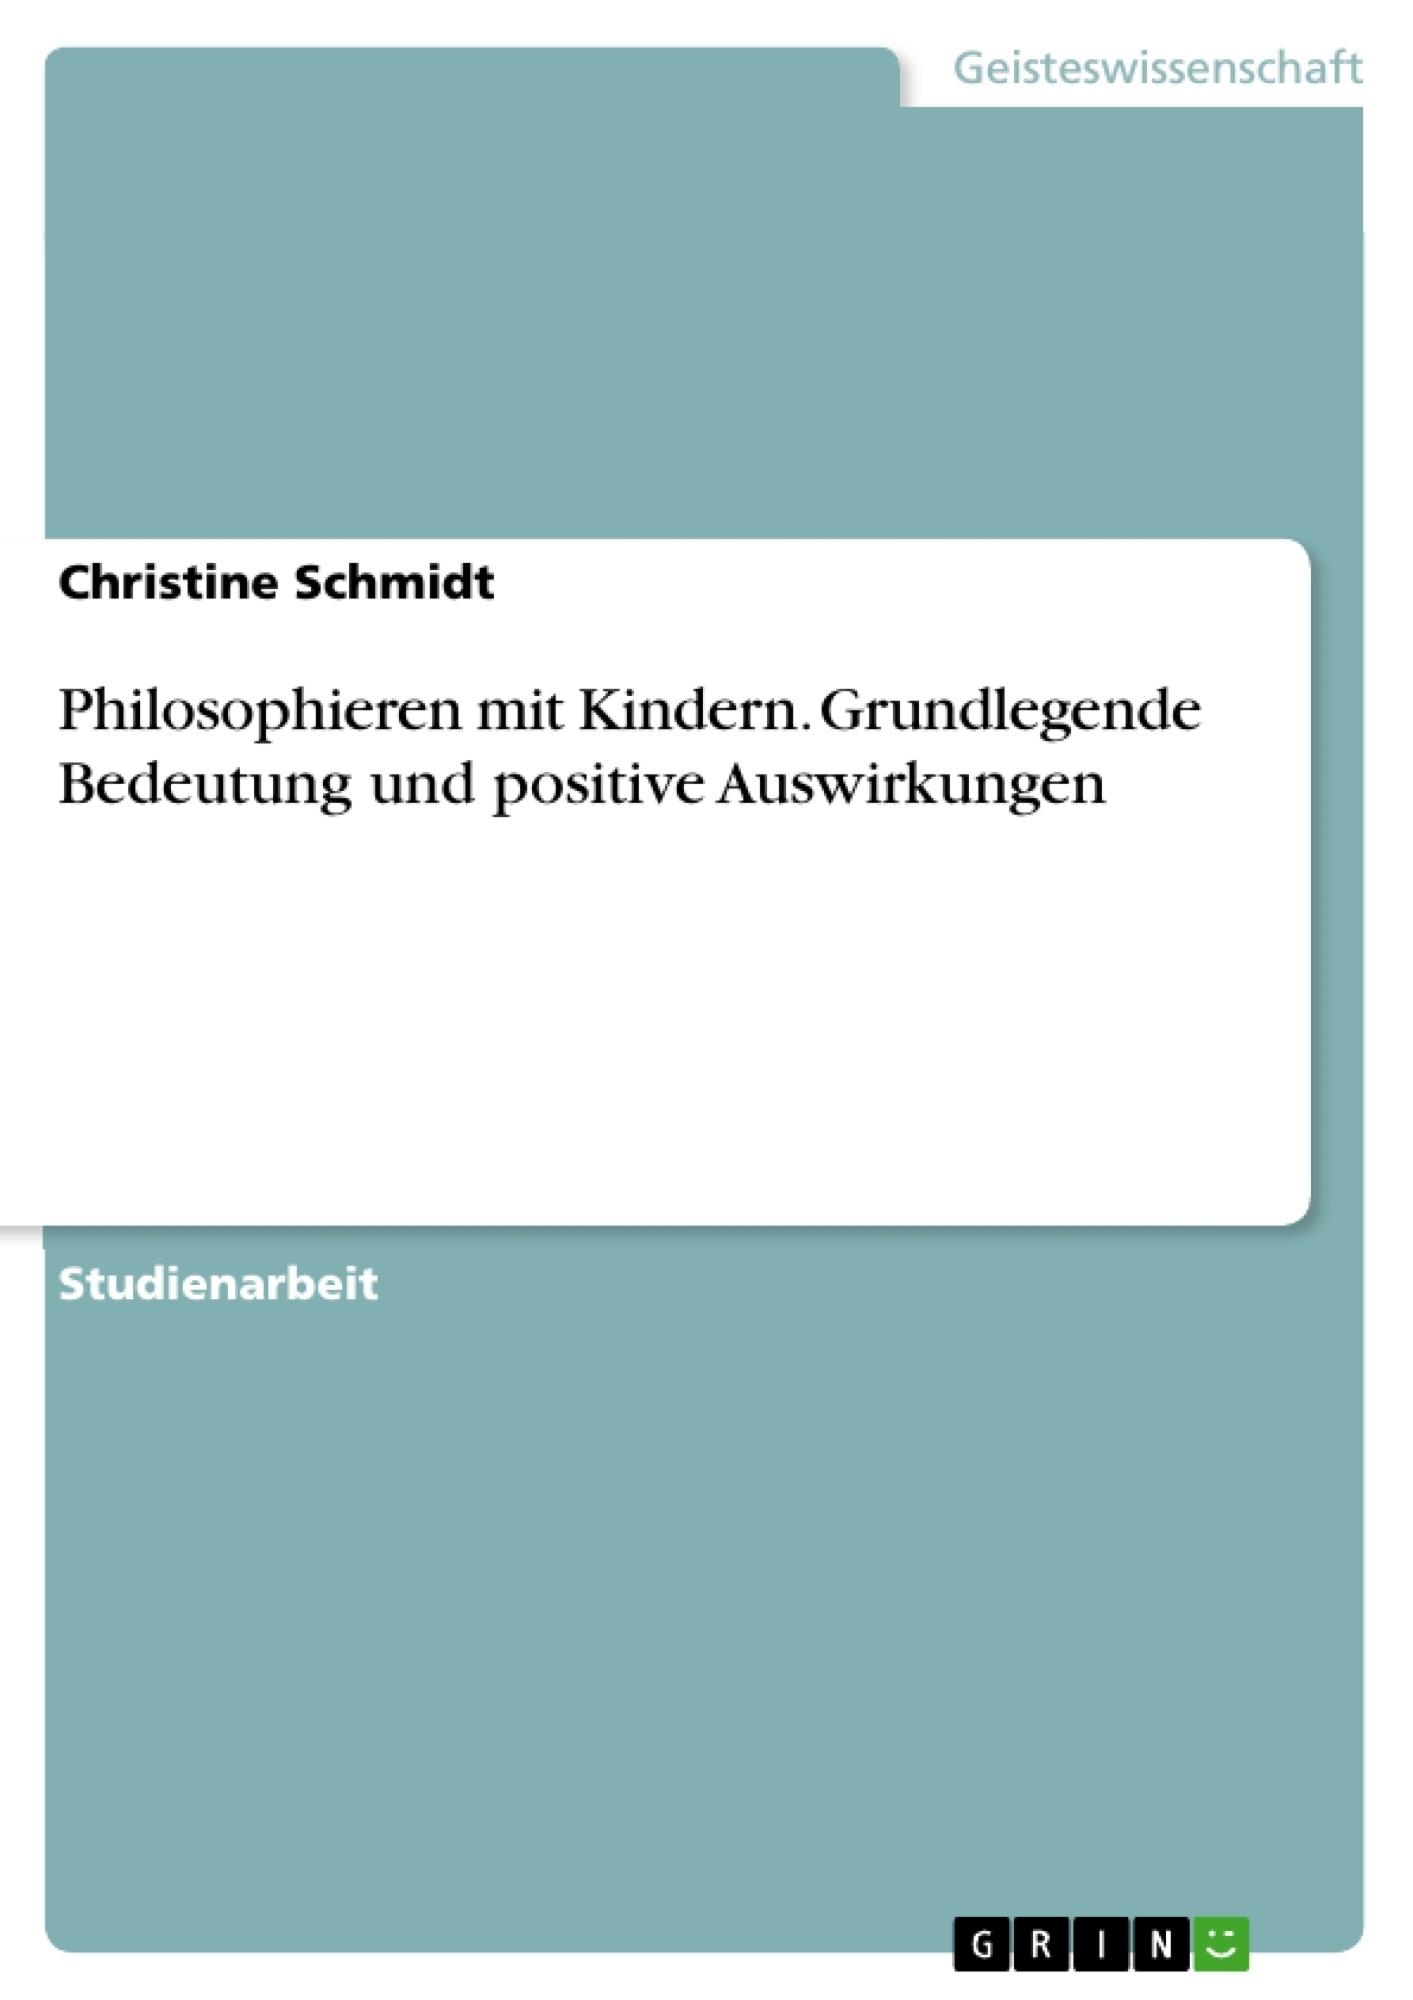 Titel: Philosophieren mit Kindern. Grundlegende Bedeutung und positive Auswirkungen